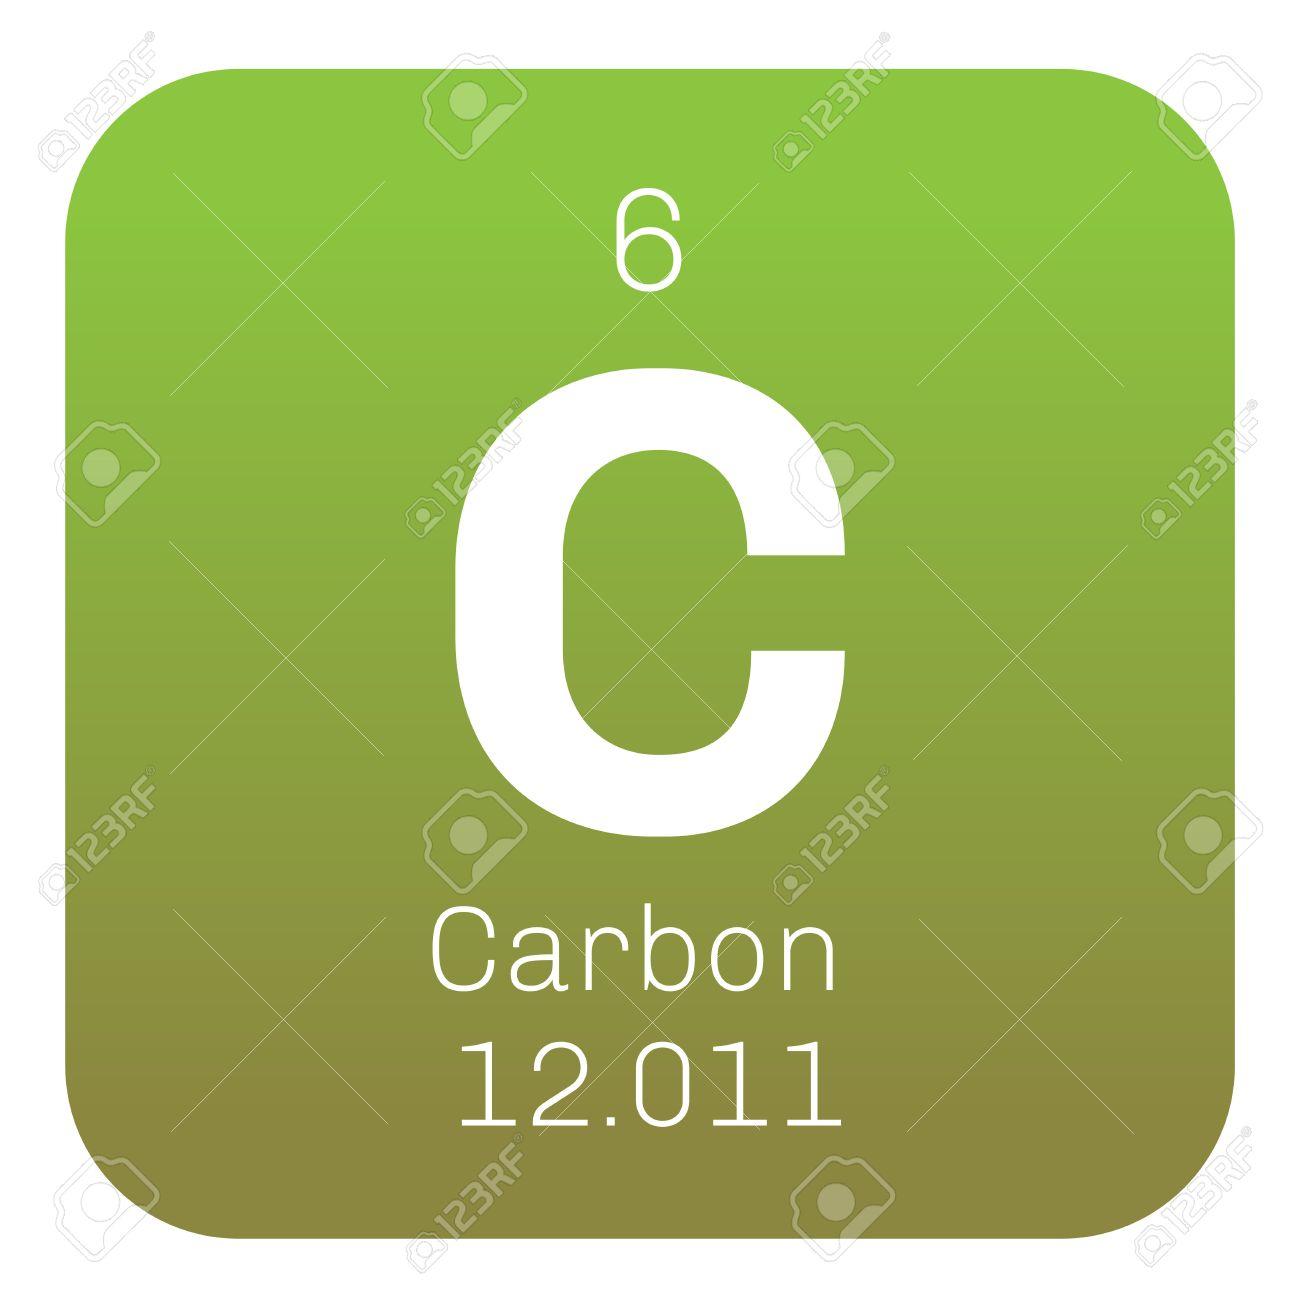 Carbono elemento qumico el grafito y el diamante icono de color carbono elemento qumico el grafito y el diamante icono de color con el nmero urtaz Choice Image